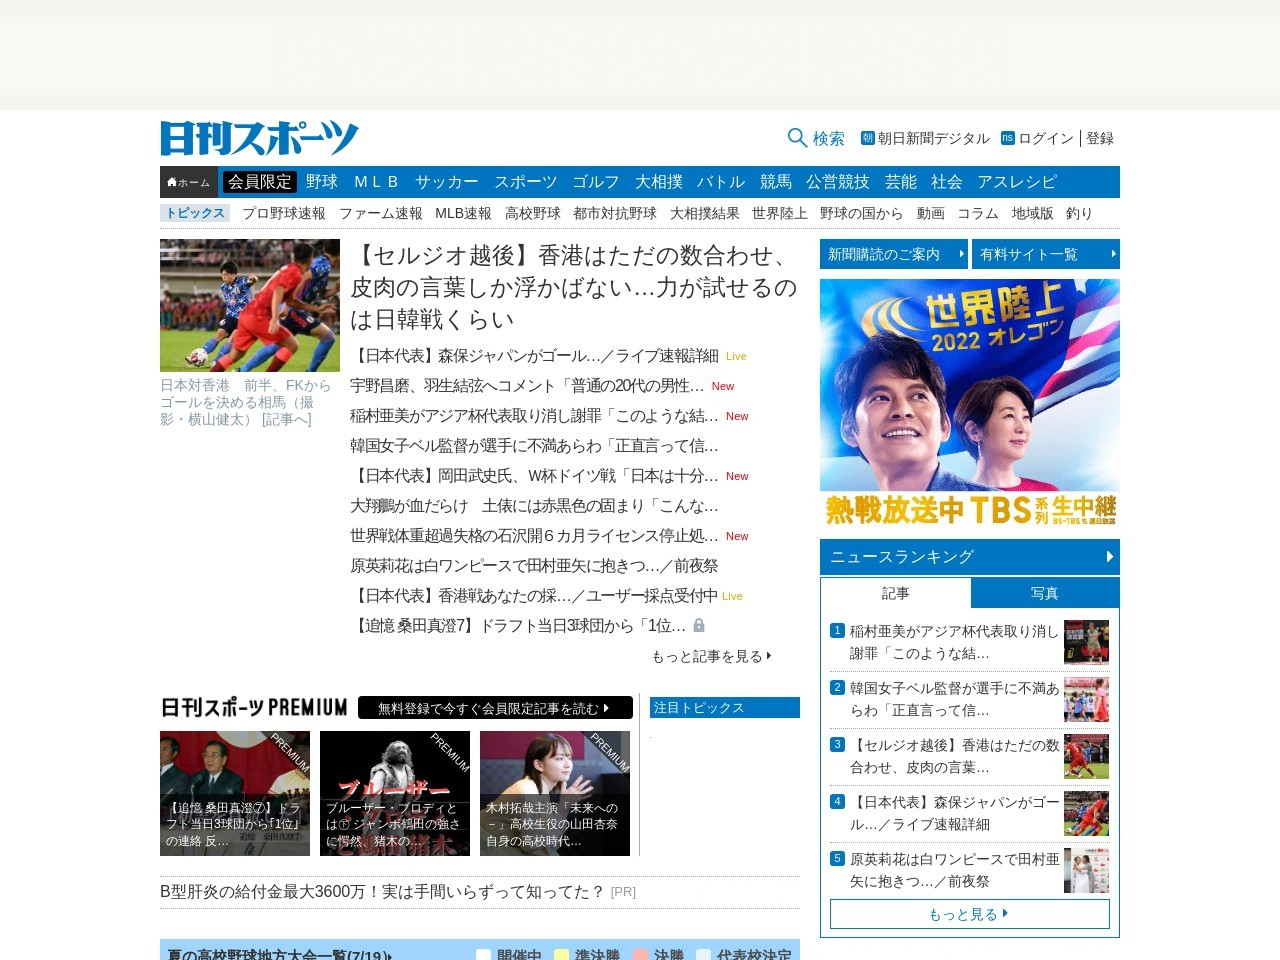 大坂なおみ、次週も世界1位確定 2位ハレプ敗戦で